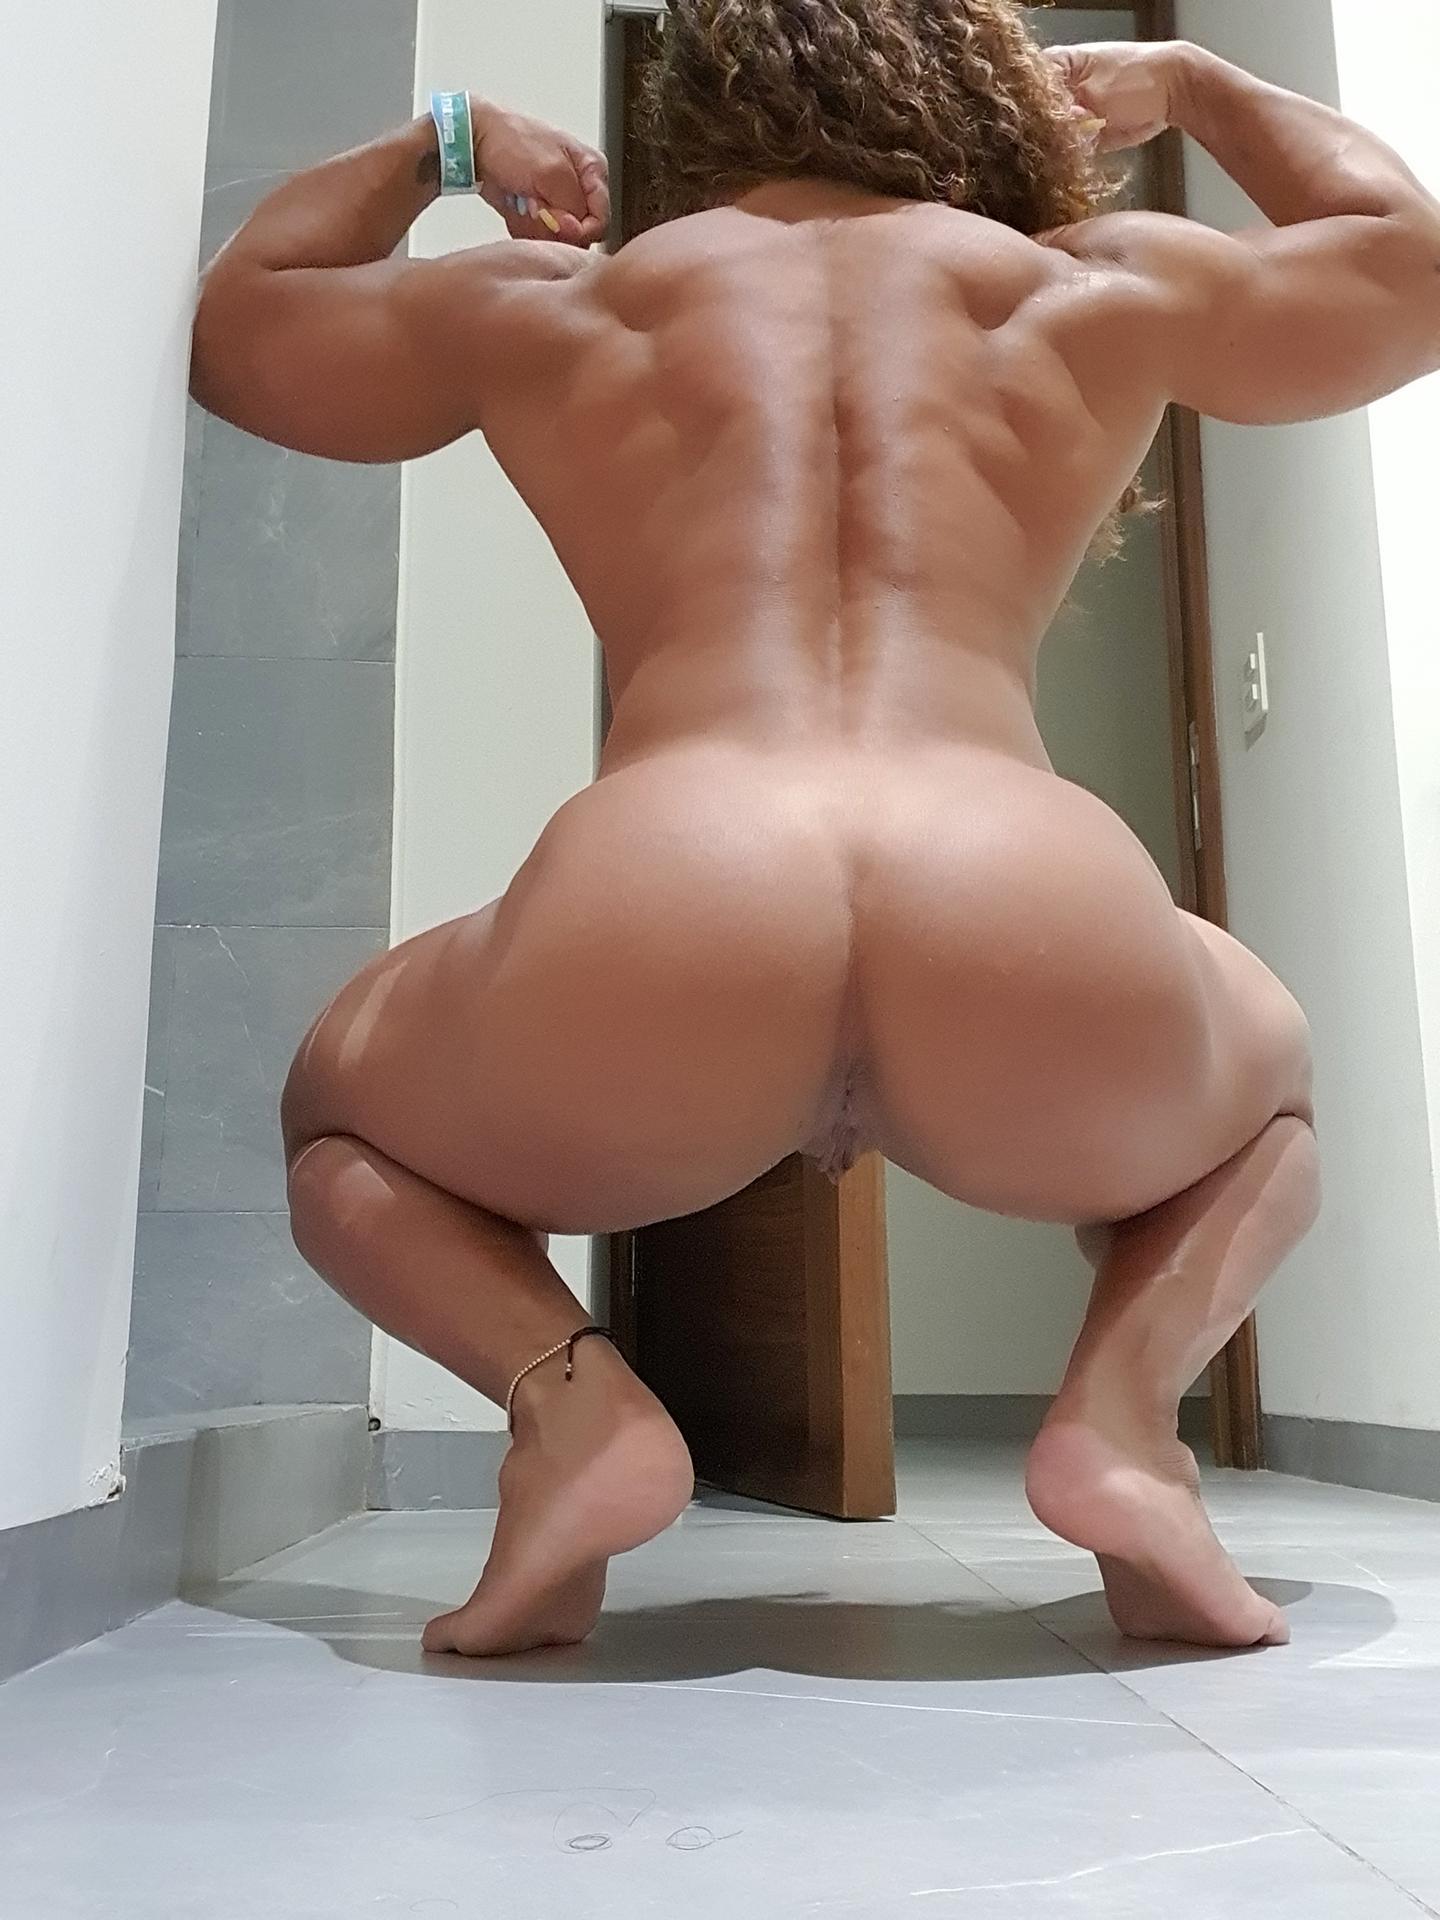 You Like My Back?